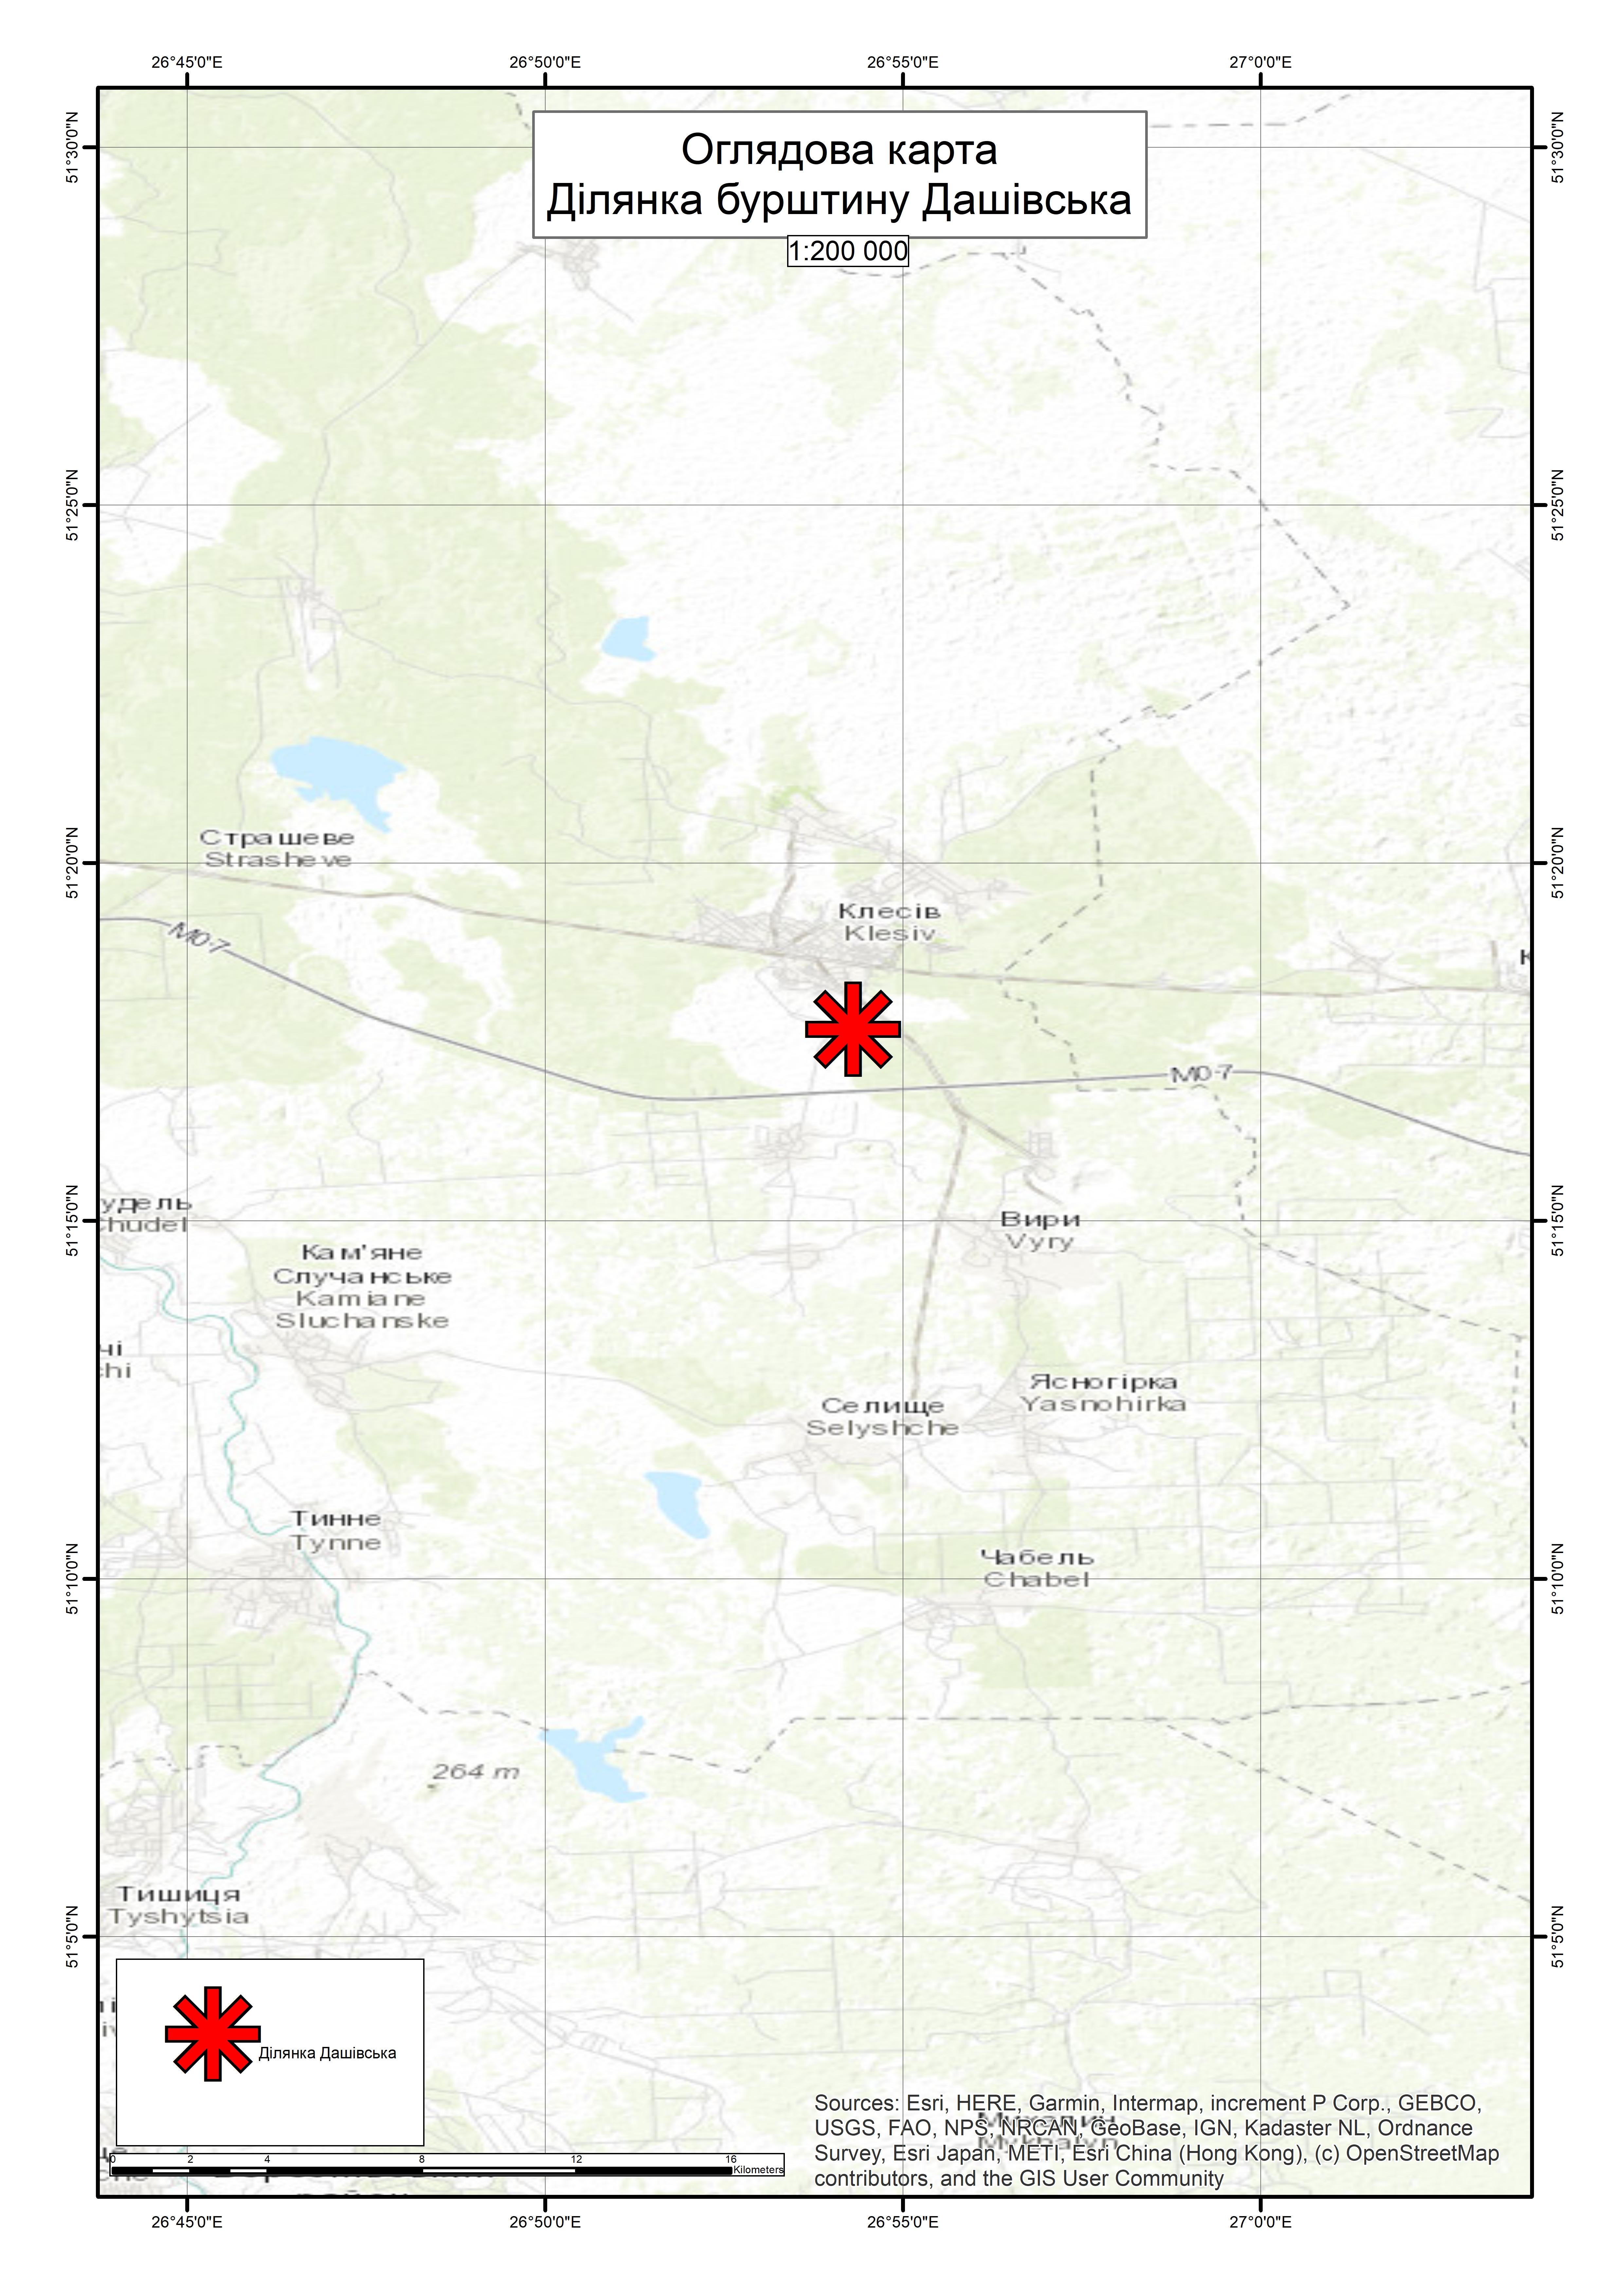 Спеціальний дозвіл на користування надрами – Ділянка Дашівська. Вартість геологічної інформації – 102 819,22 грн (з ПДВ). Вартість пакету аукціонної документації – 10 438,27 грн (з ПДВ).